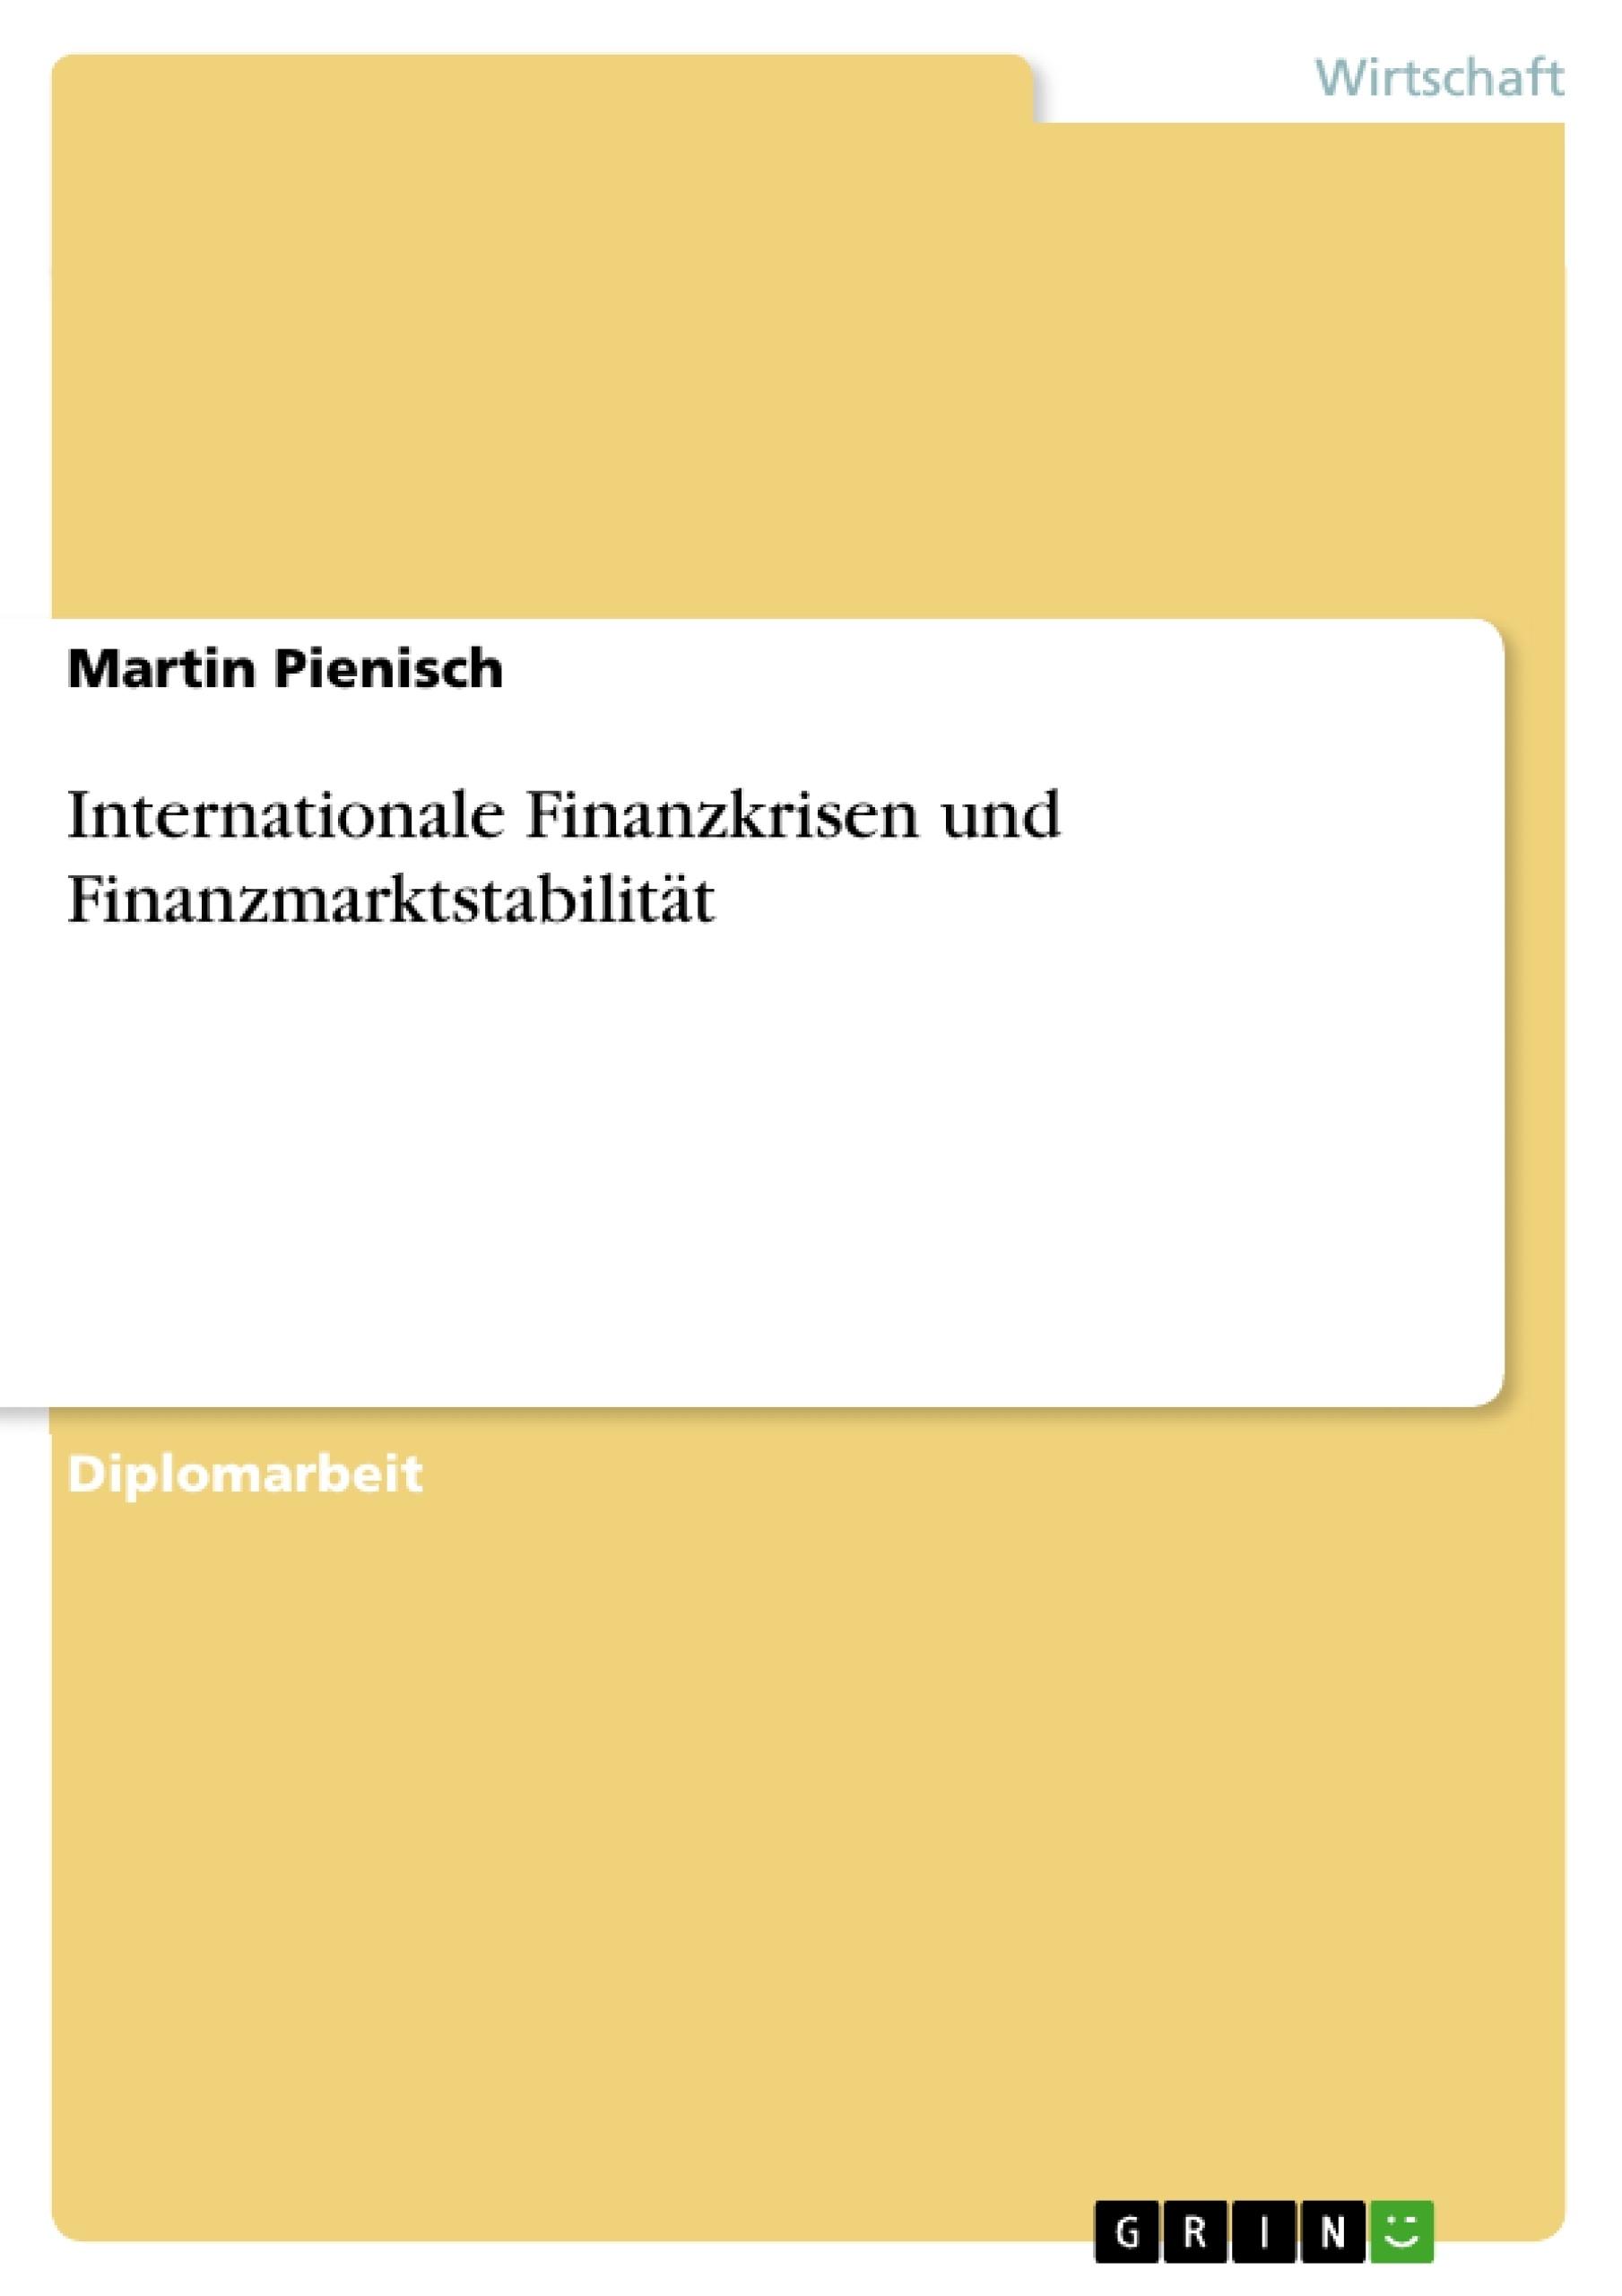 Titel: Internationale Finanzkrisen und Finanzmarktstabilität